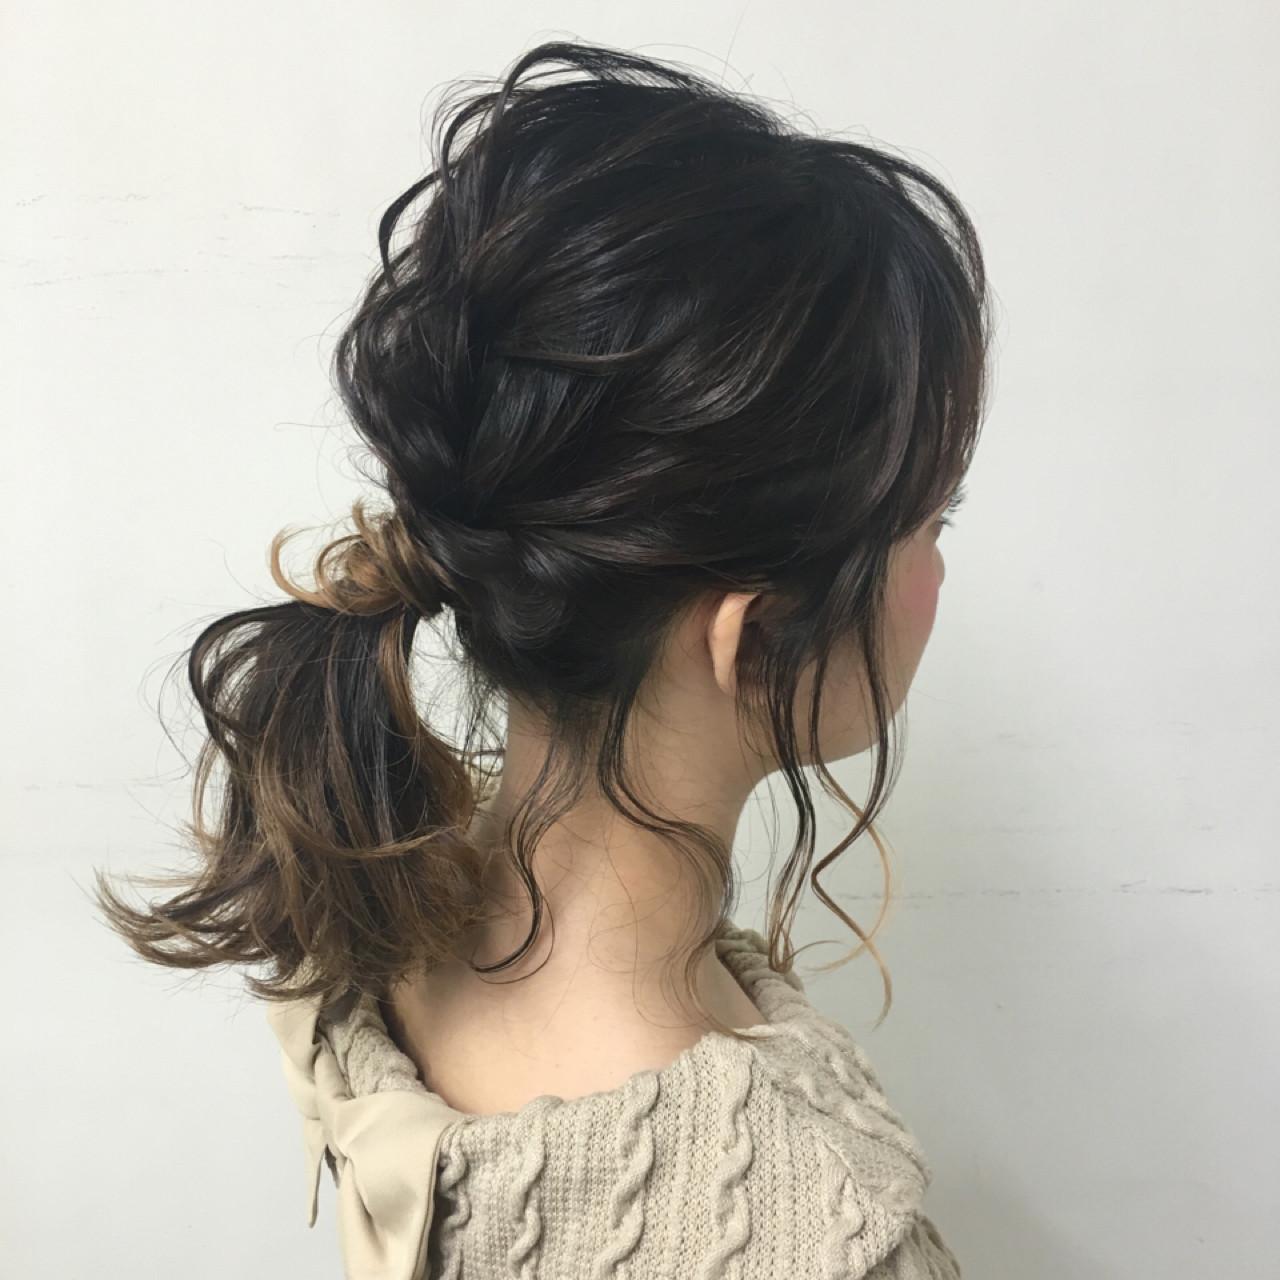 ポニーテール ヘアアレンジ ミディアム 波ウェーブ ヘアスタイルや髪型の写真・画像